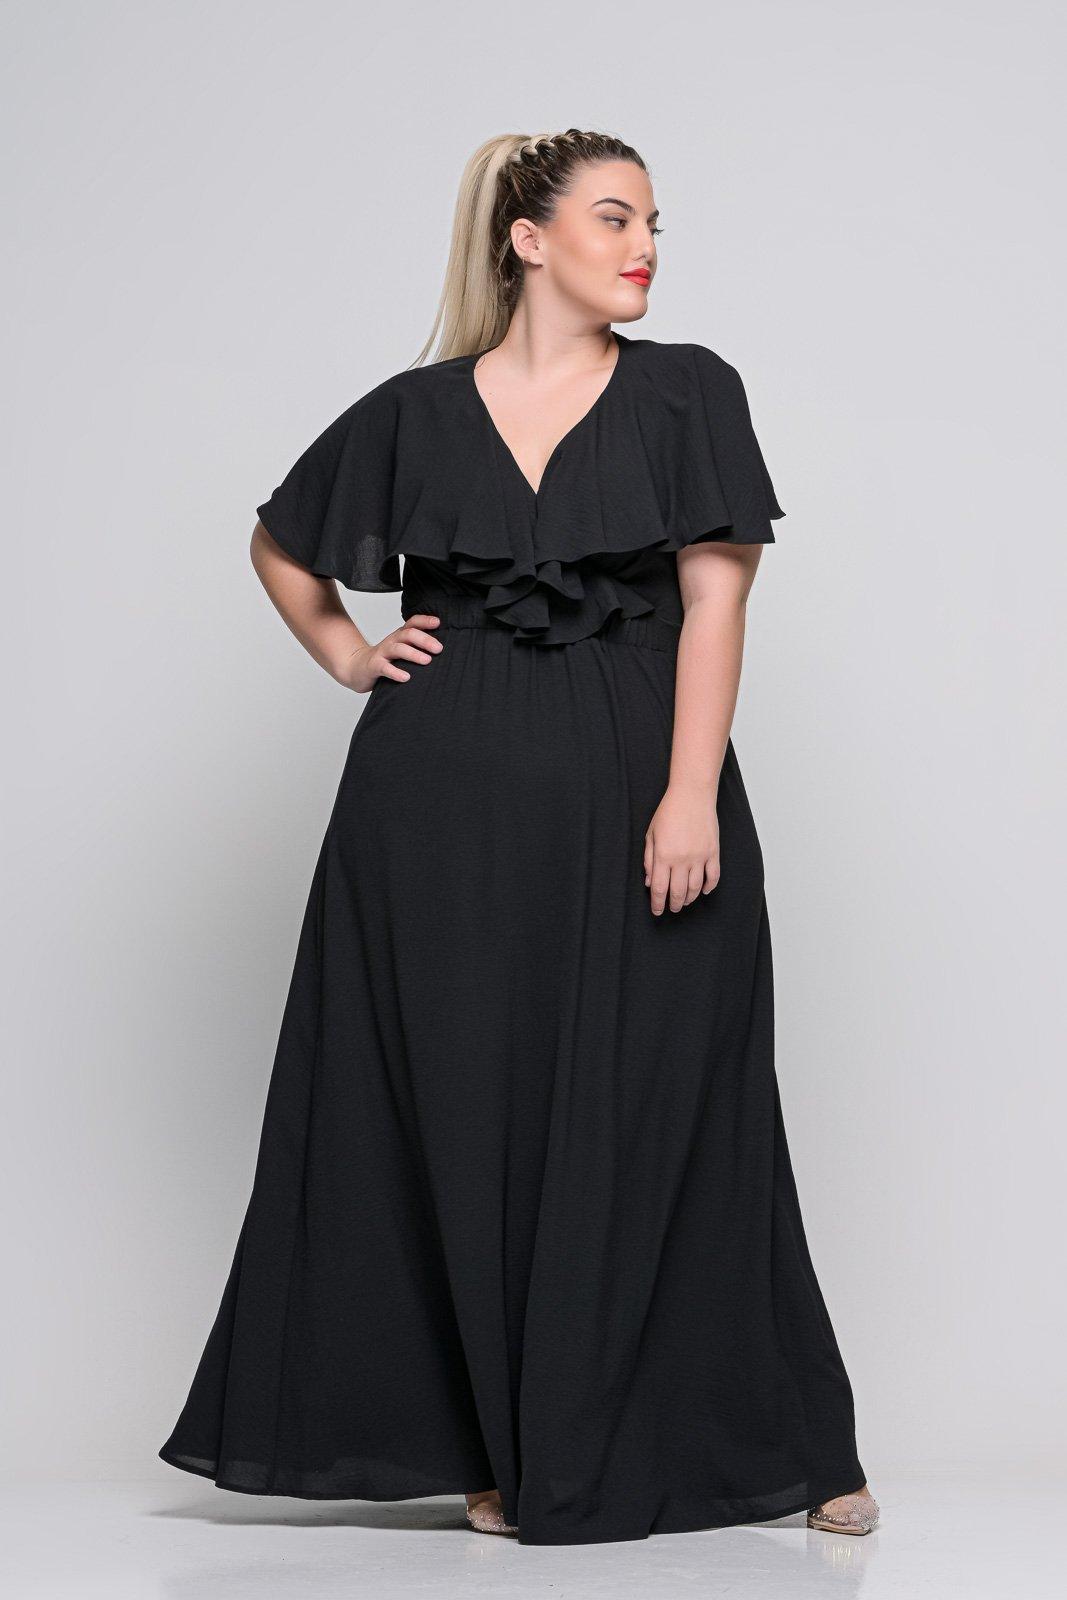 Φόρεμα κρουαζέ μαύρο με φραμπαλά μανίκι και λάστιχο στη μέση